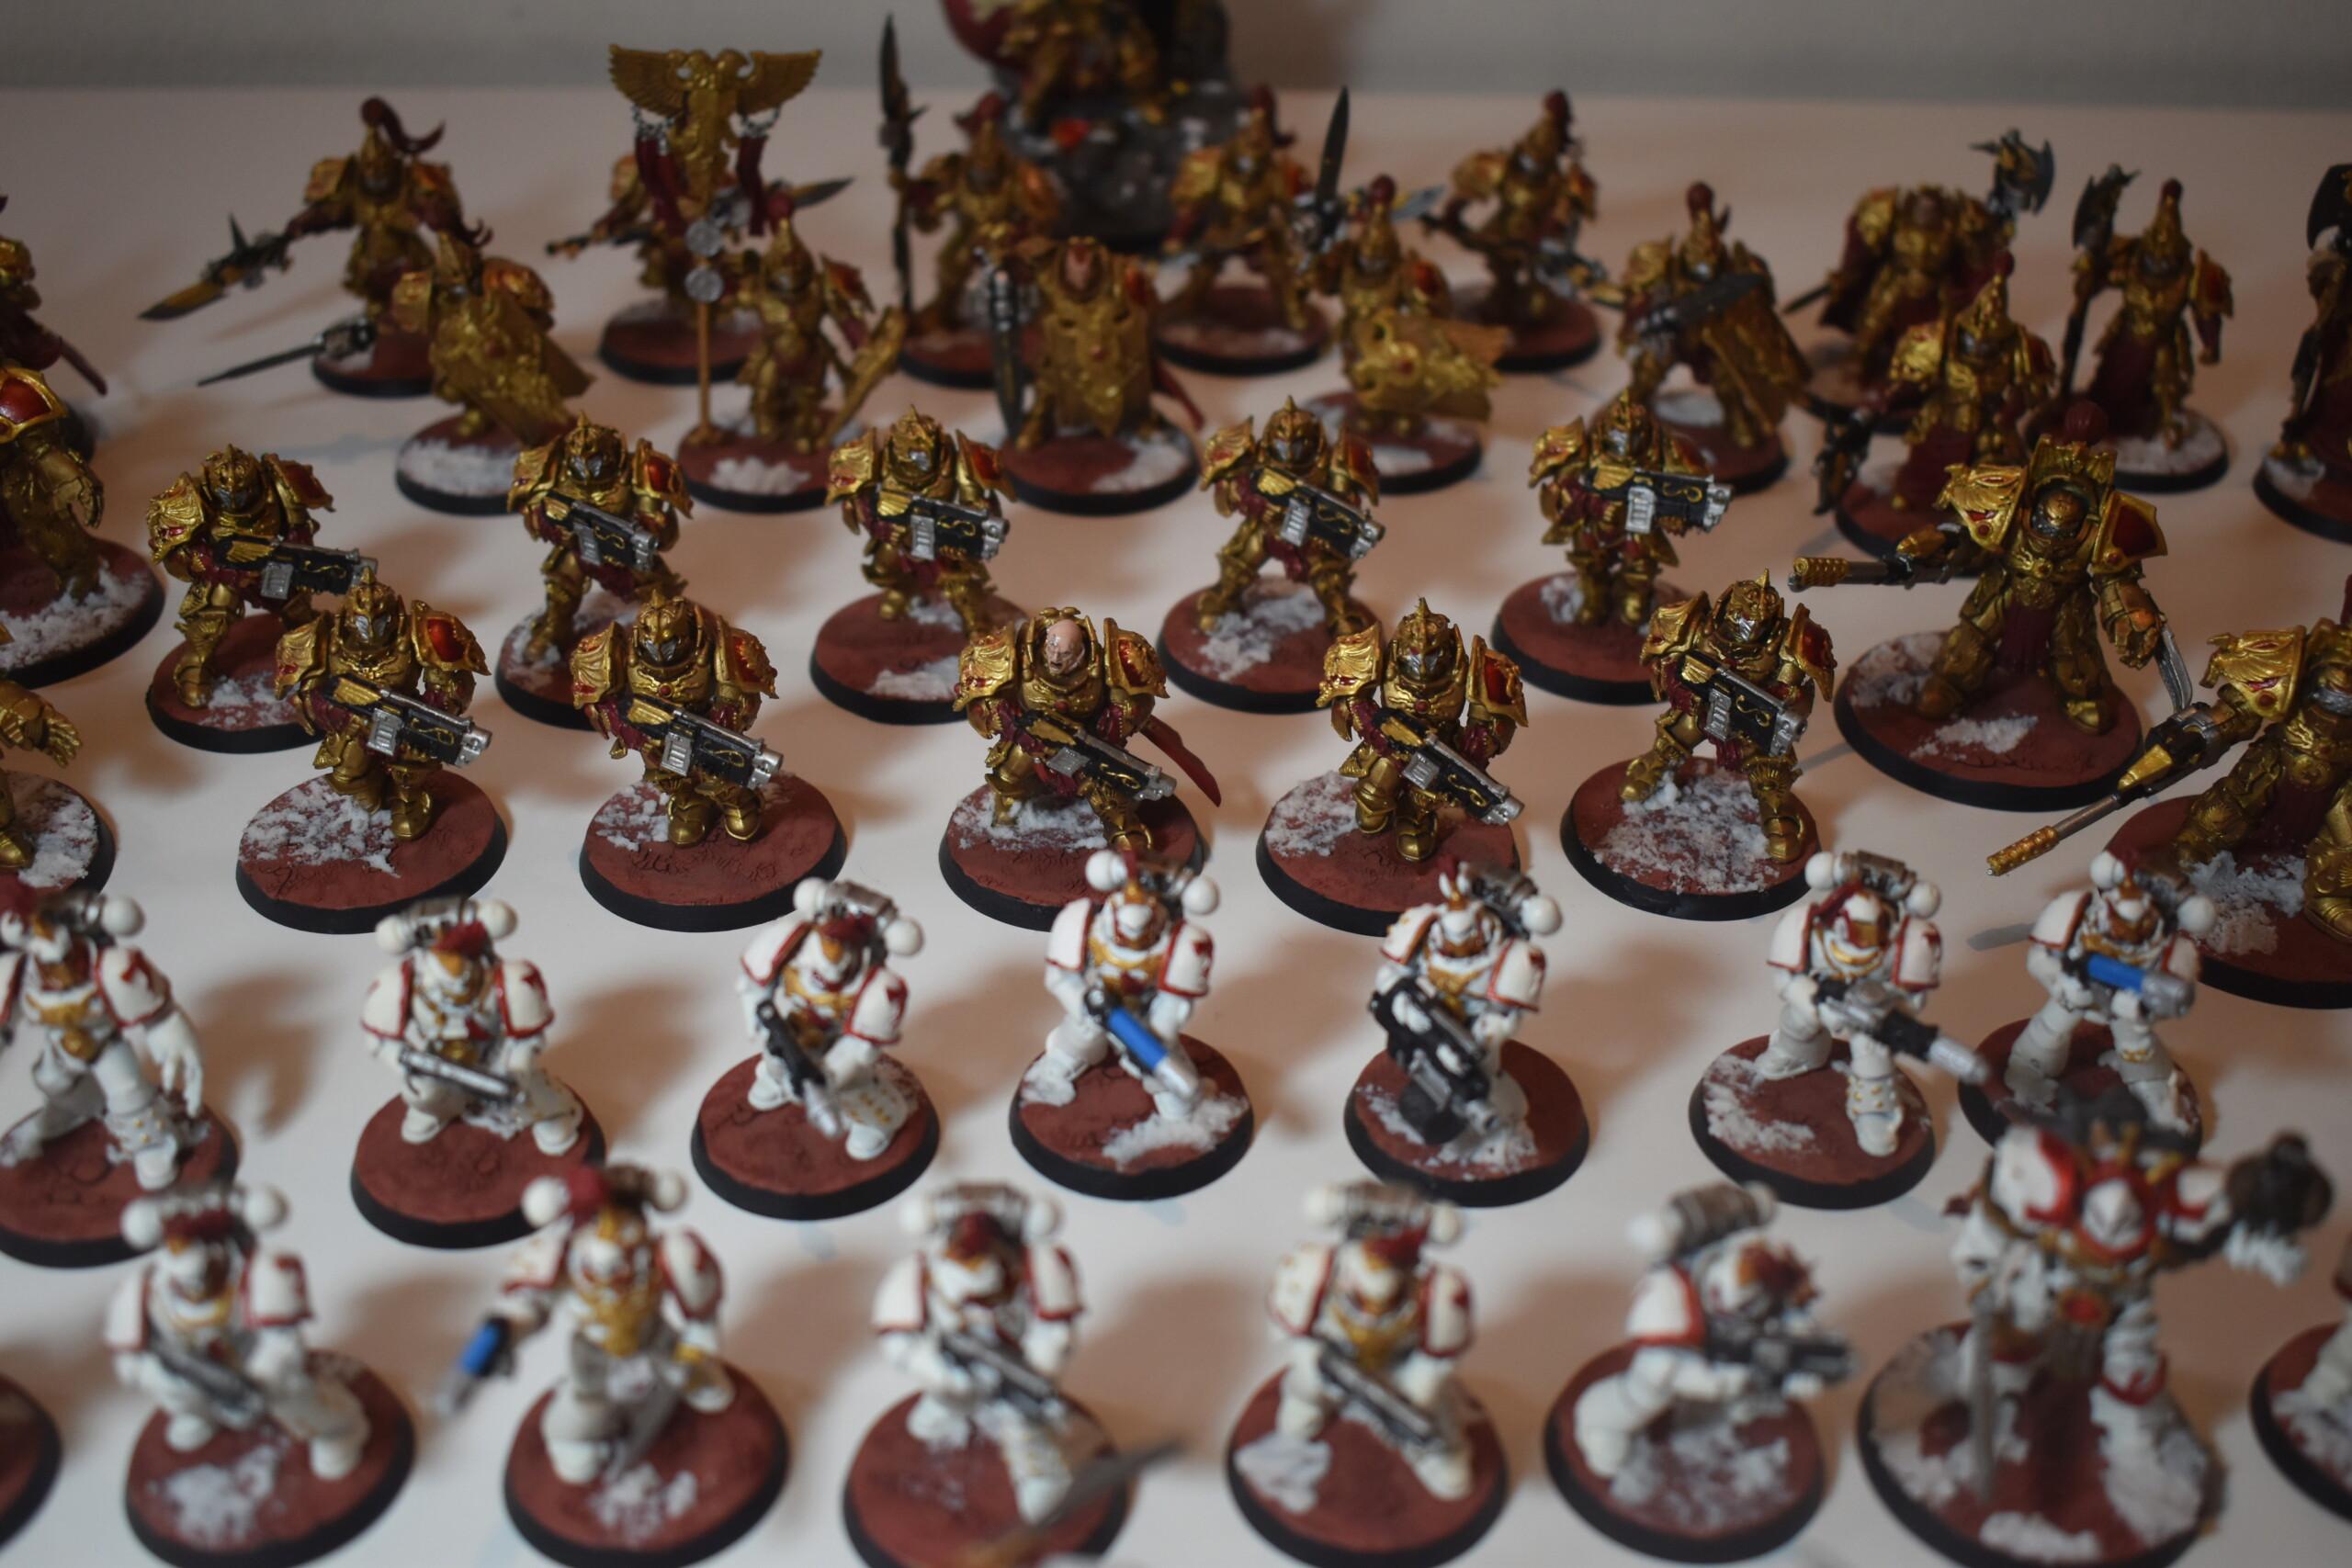 Les Armées de Nico. (Battle, 40K & HH) - Page 6 Dsc_0221